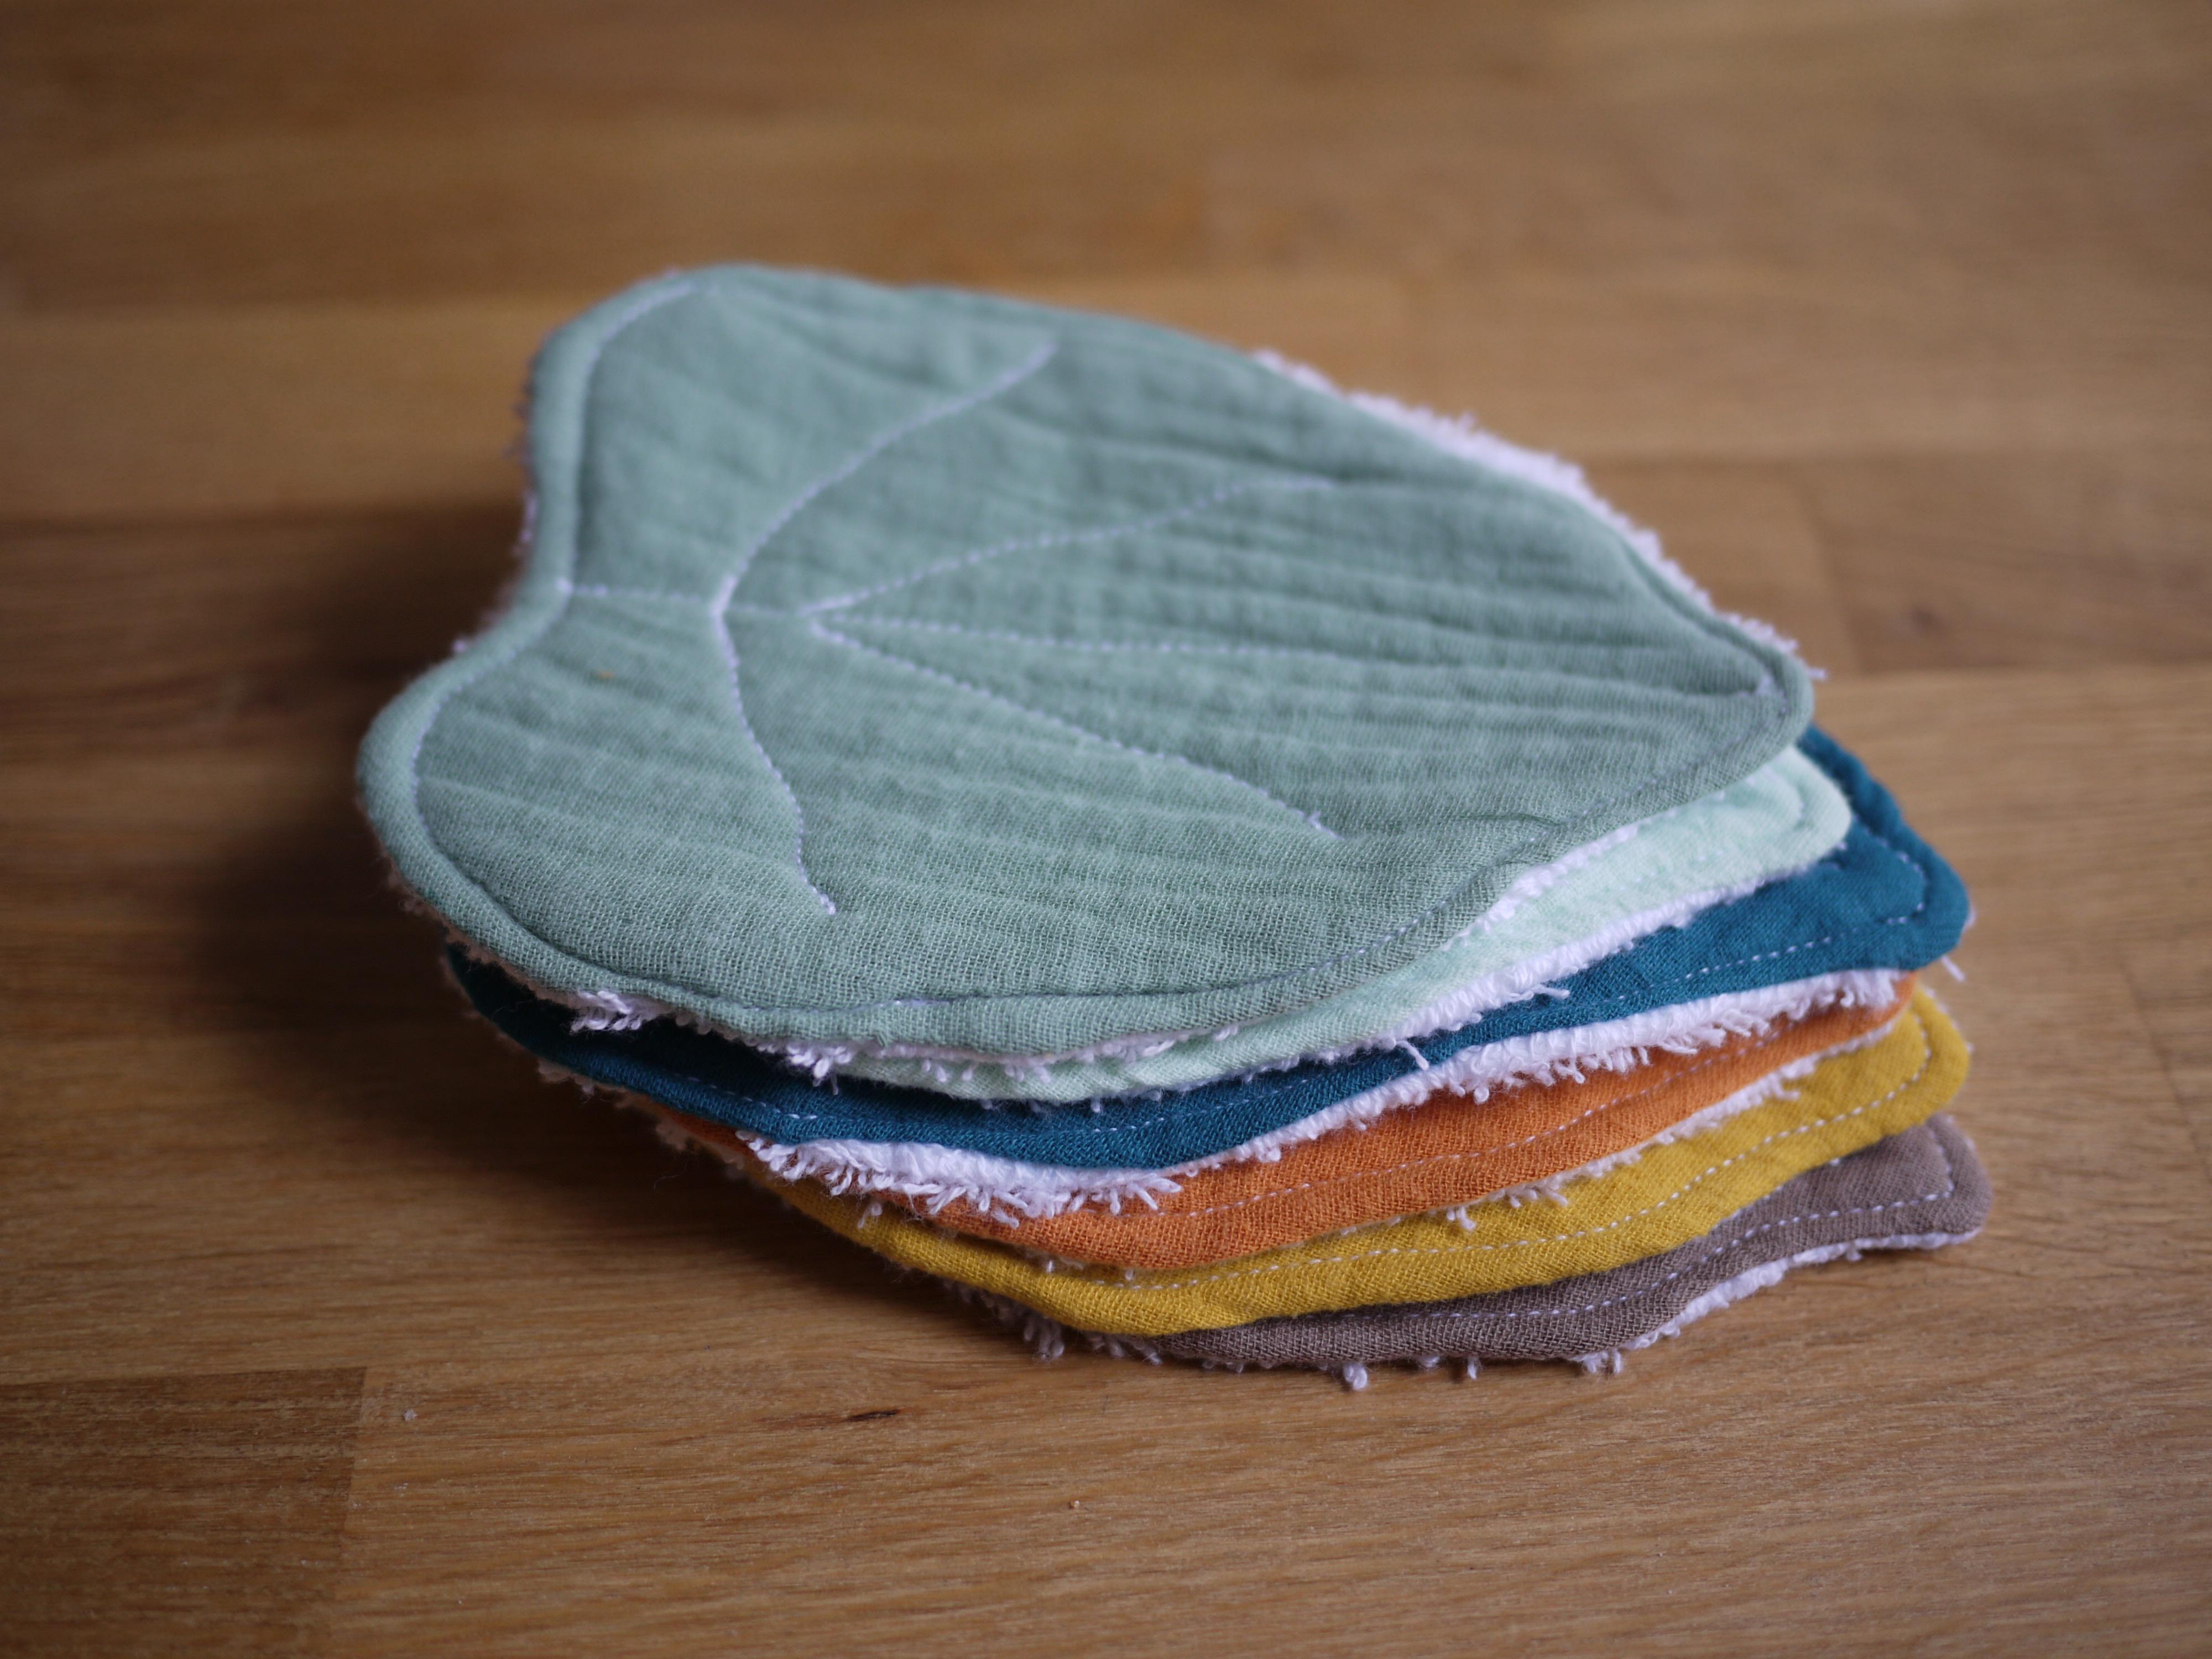 des lingettes zero dechets en forme de feuille